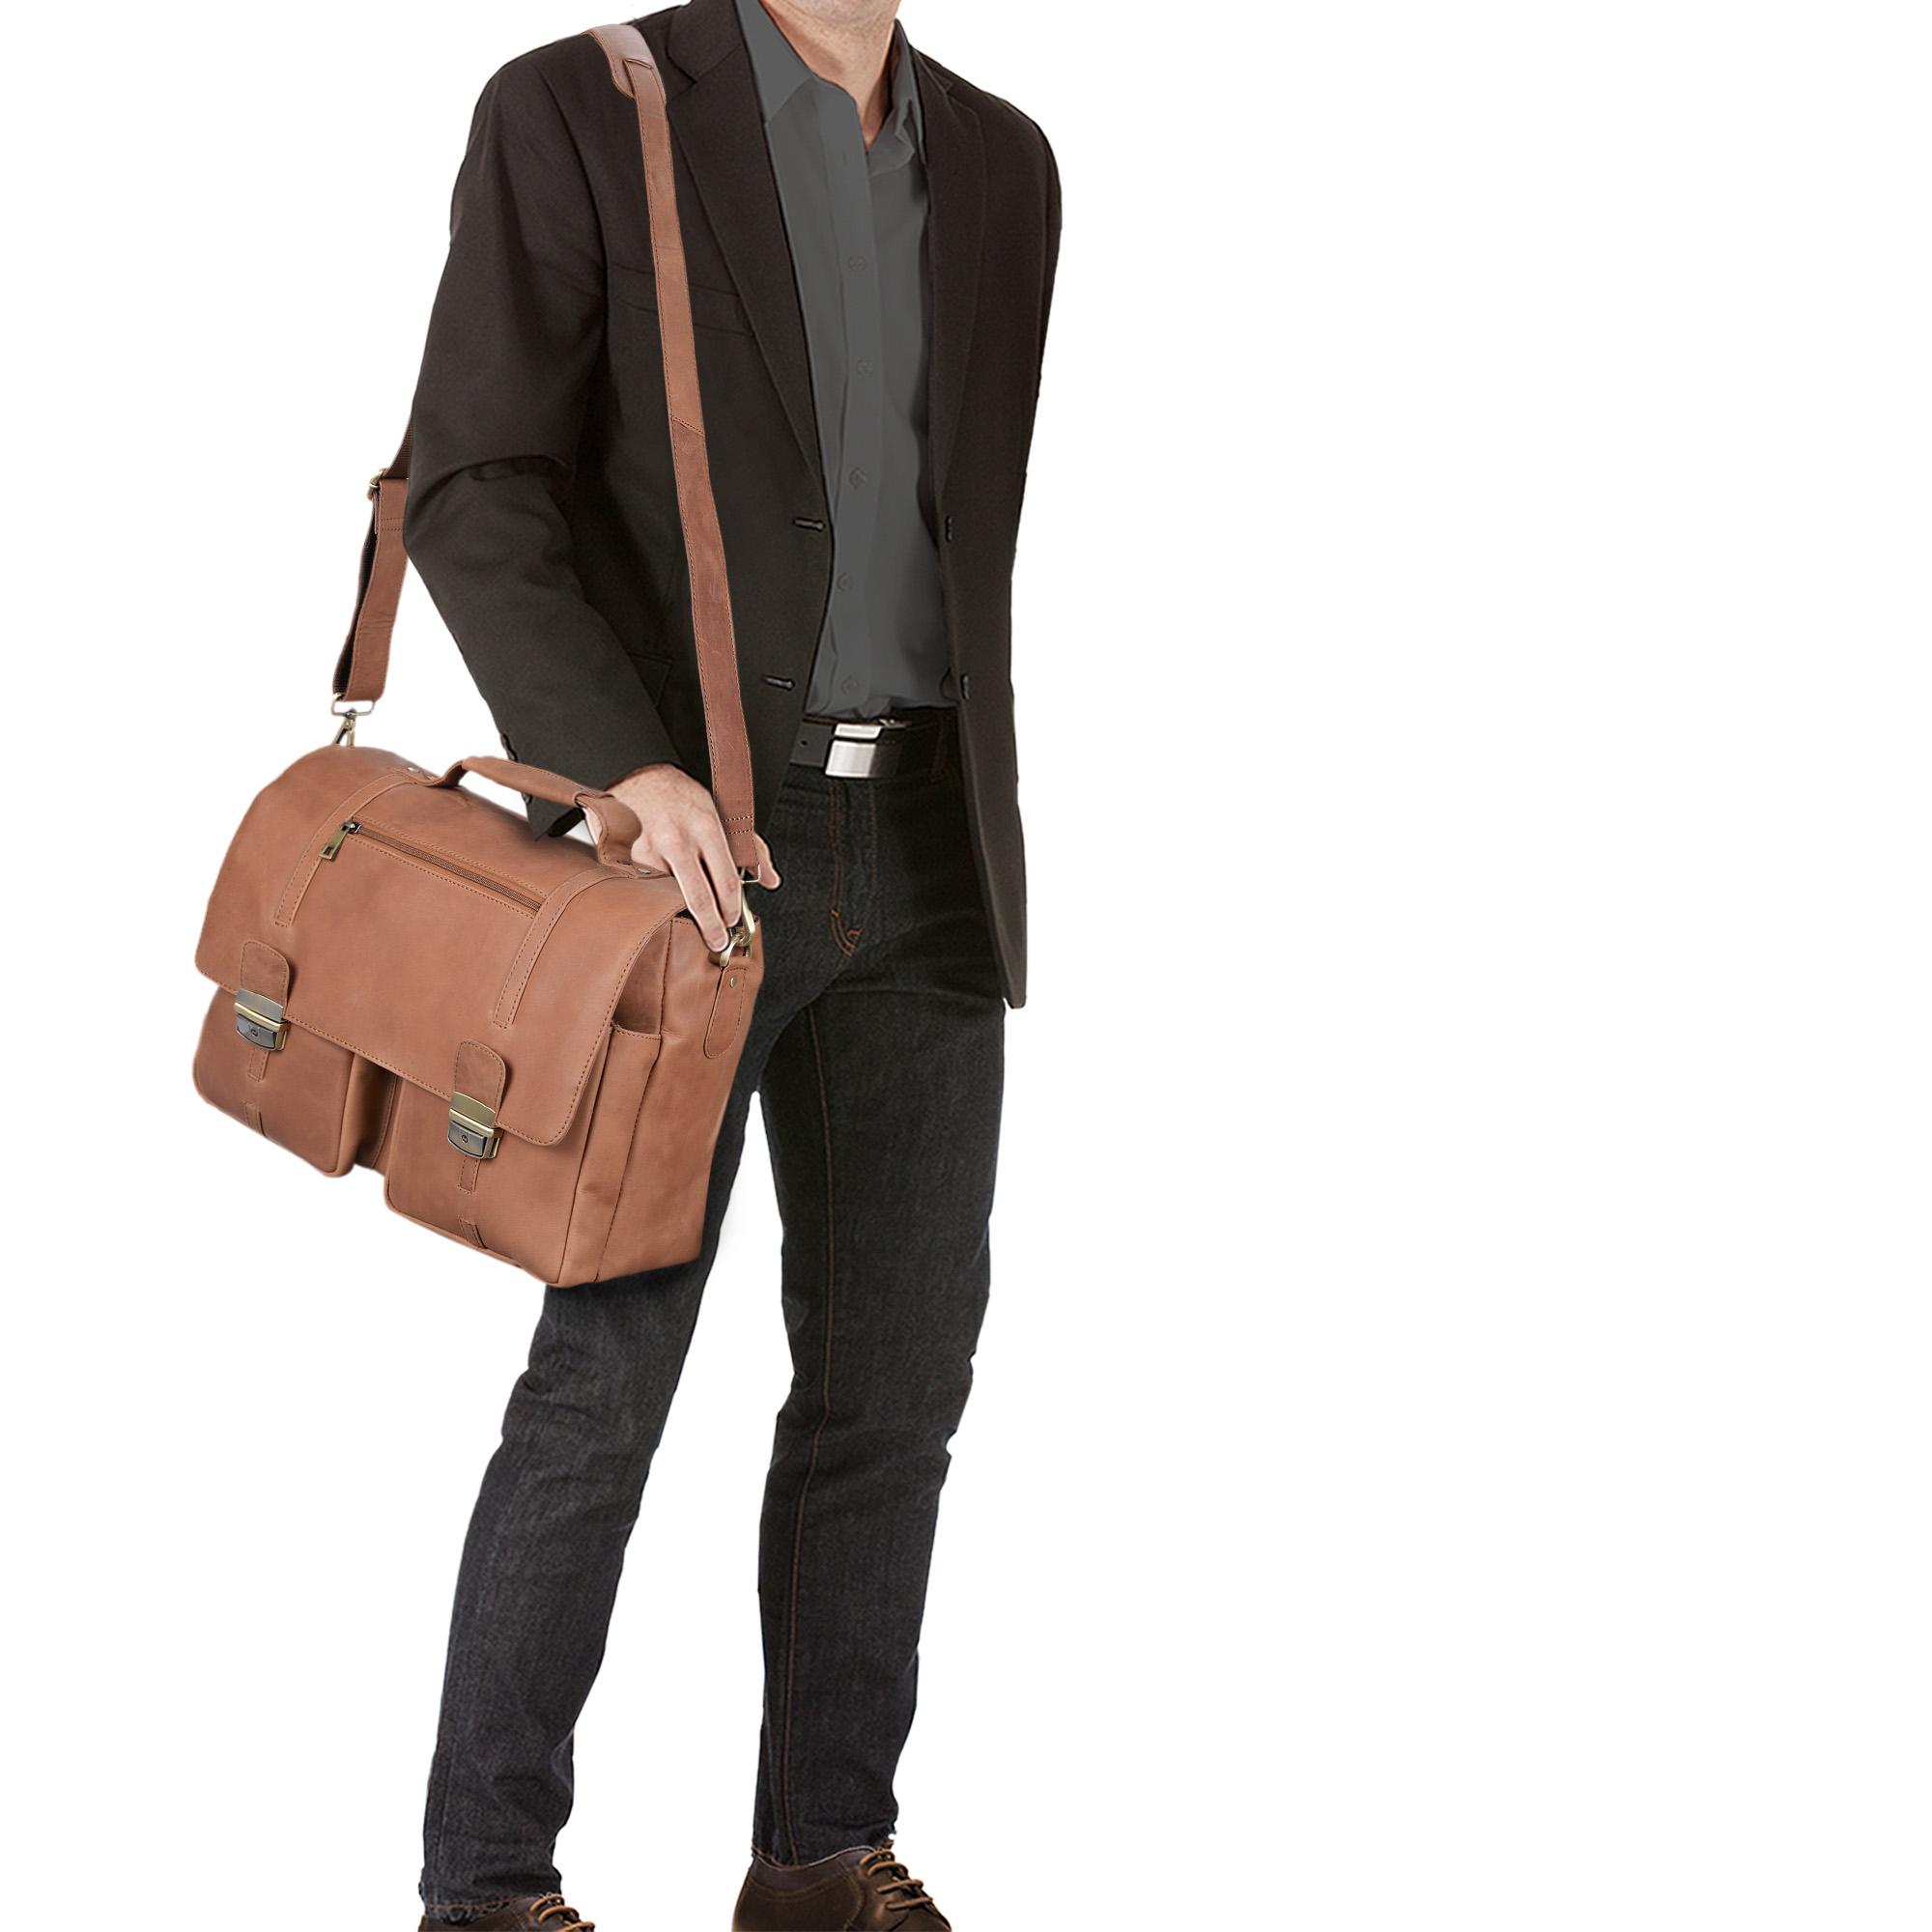 """STILORD """"Robin"""" Vintage Businesstasche Leder Aktentasche für Damen und Herren Schloss 15,6 Zoll Laptopfach elegante Umhängetasche aus echtem Leder  - Bild 11"""